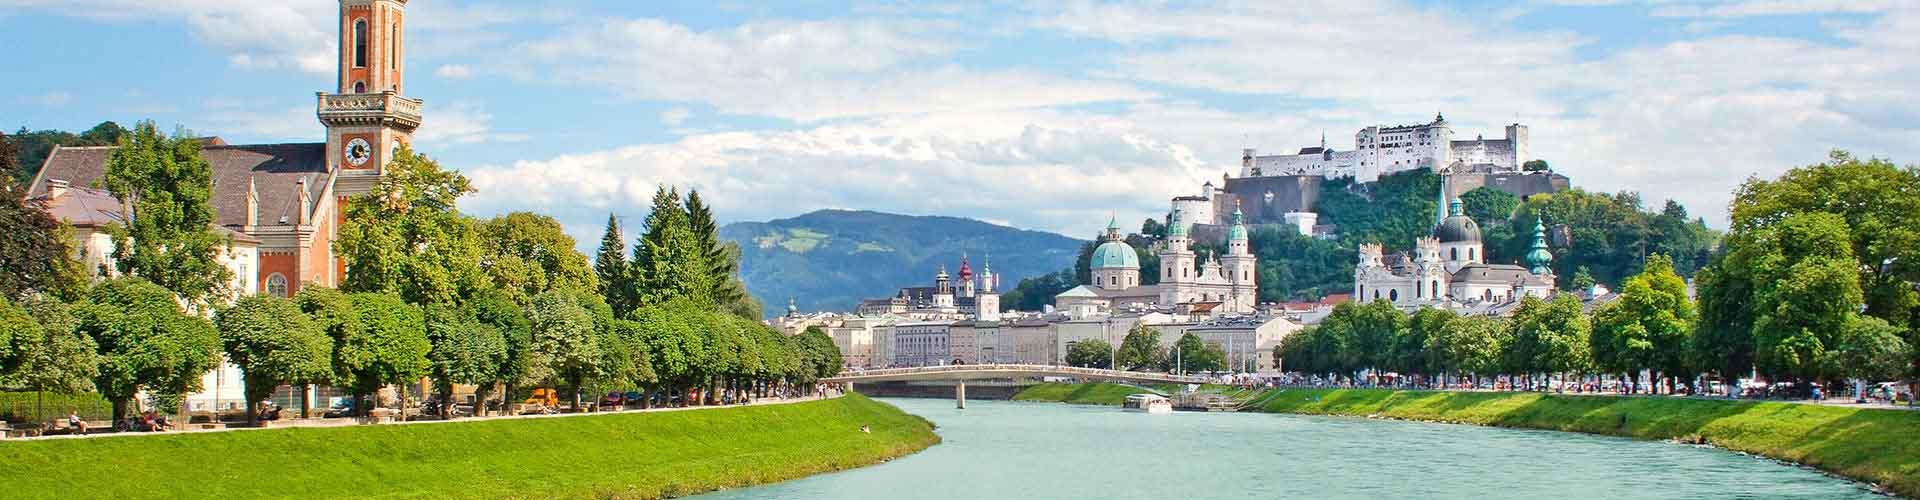 Salzbourg - Auberges de jeunesse à Salzbourg. Cartes pour Salzbourg, photos et commentaires pour chaque auberge de jeunesse à Salzbourg.